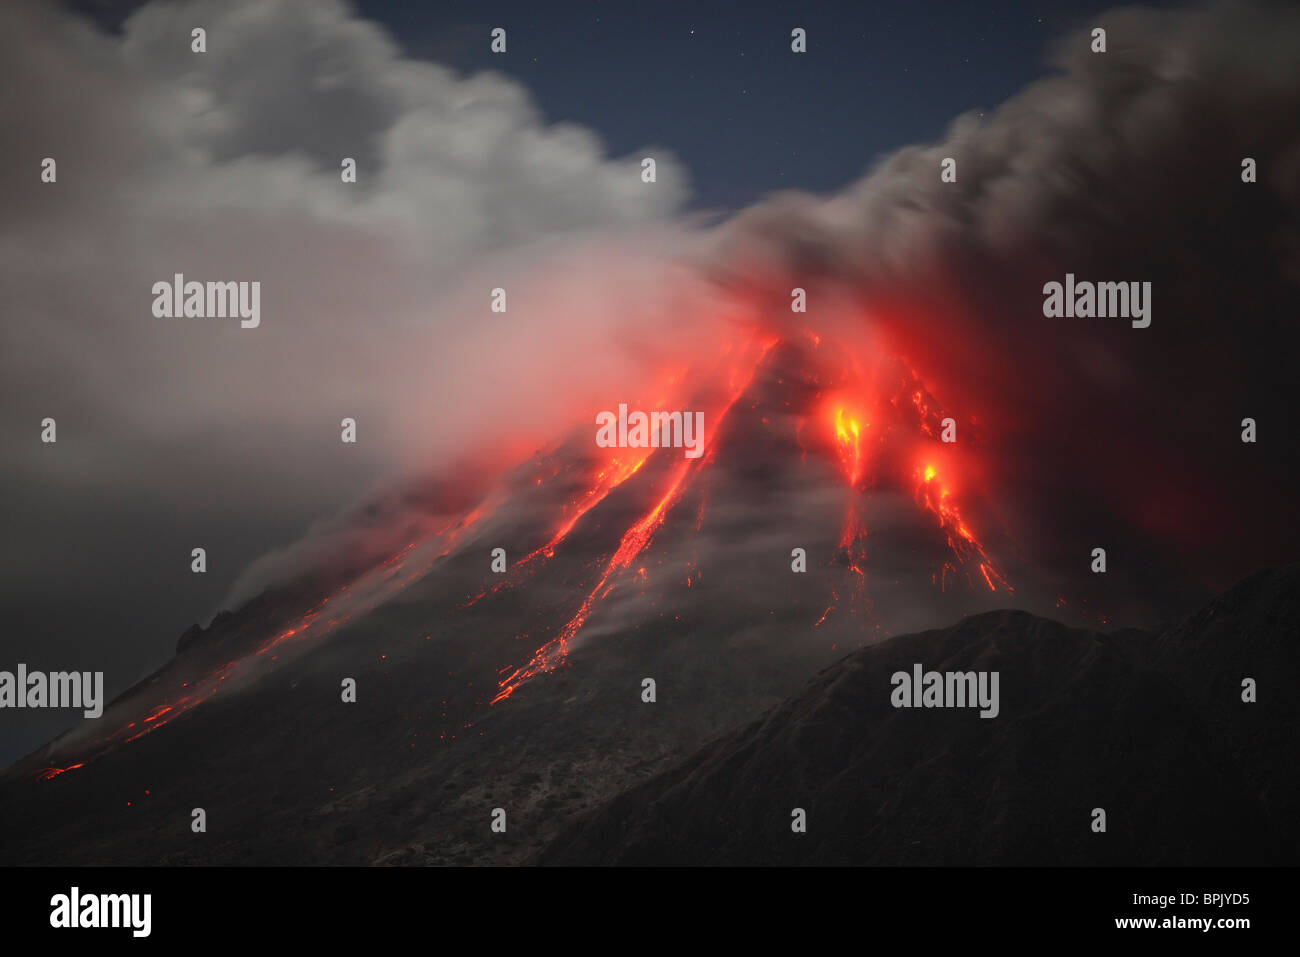 Le 1 février 2010 - L'éruption de la Soufrière Hills, Montserrat, l'île des Caraïbes. Photo Stock